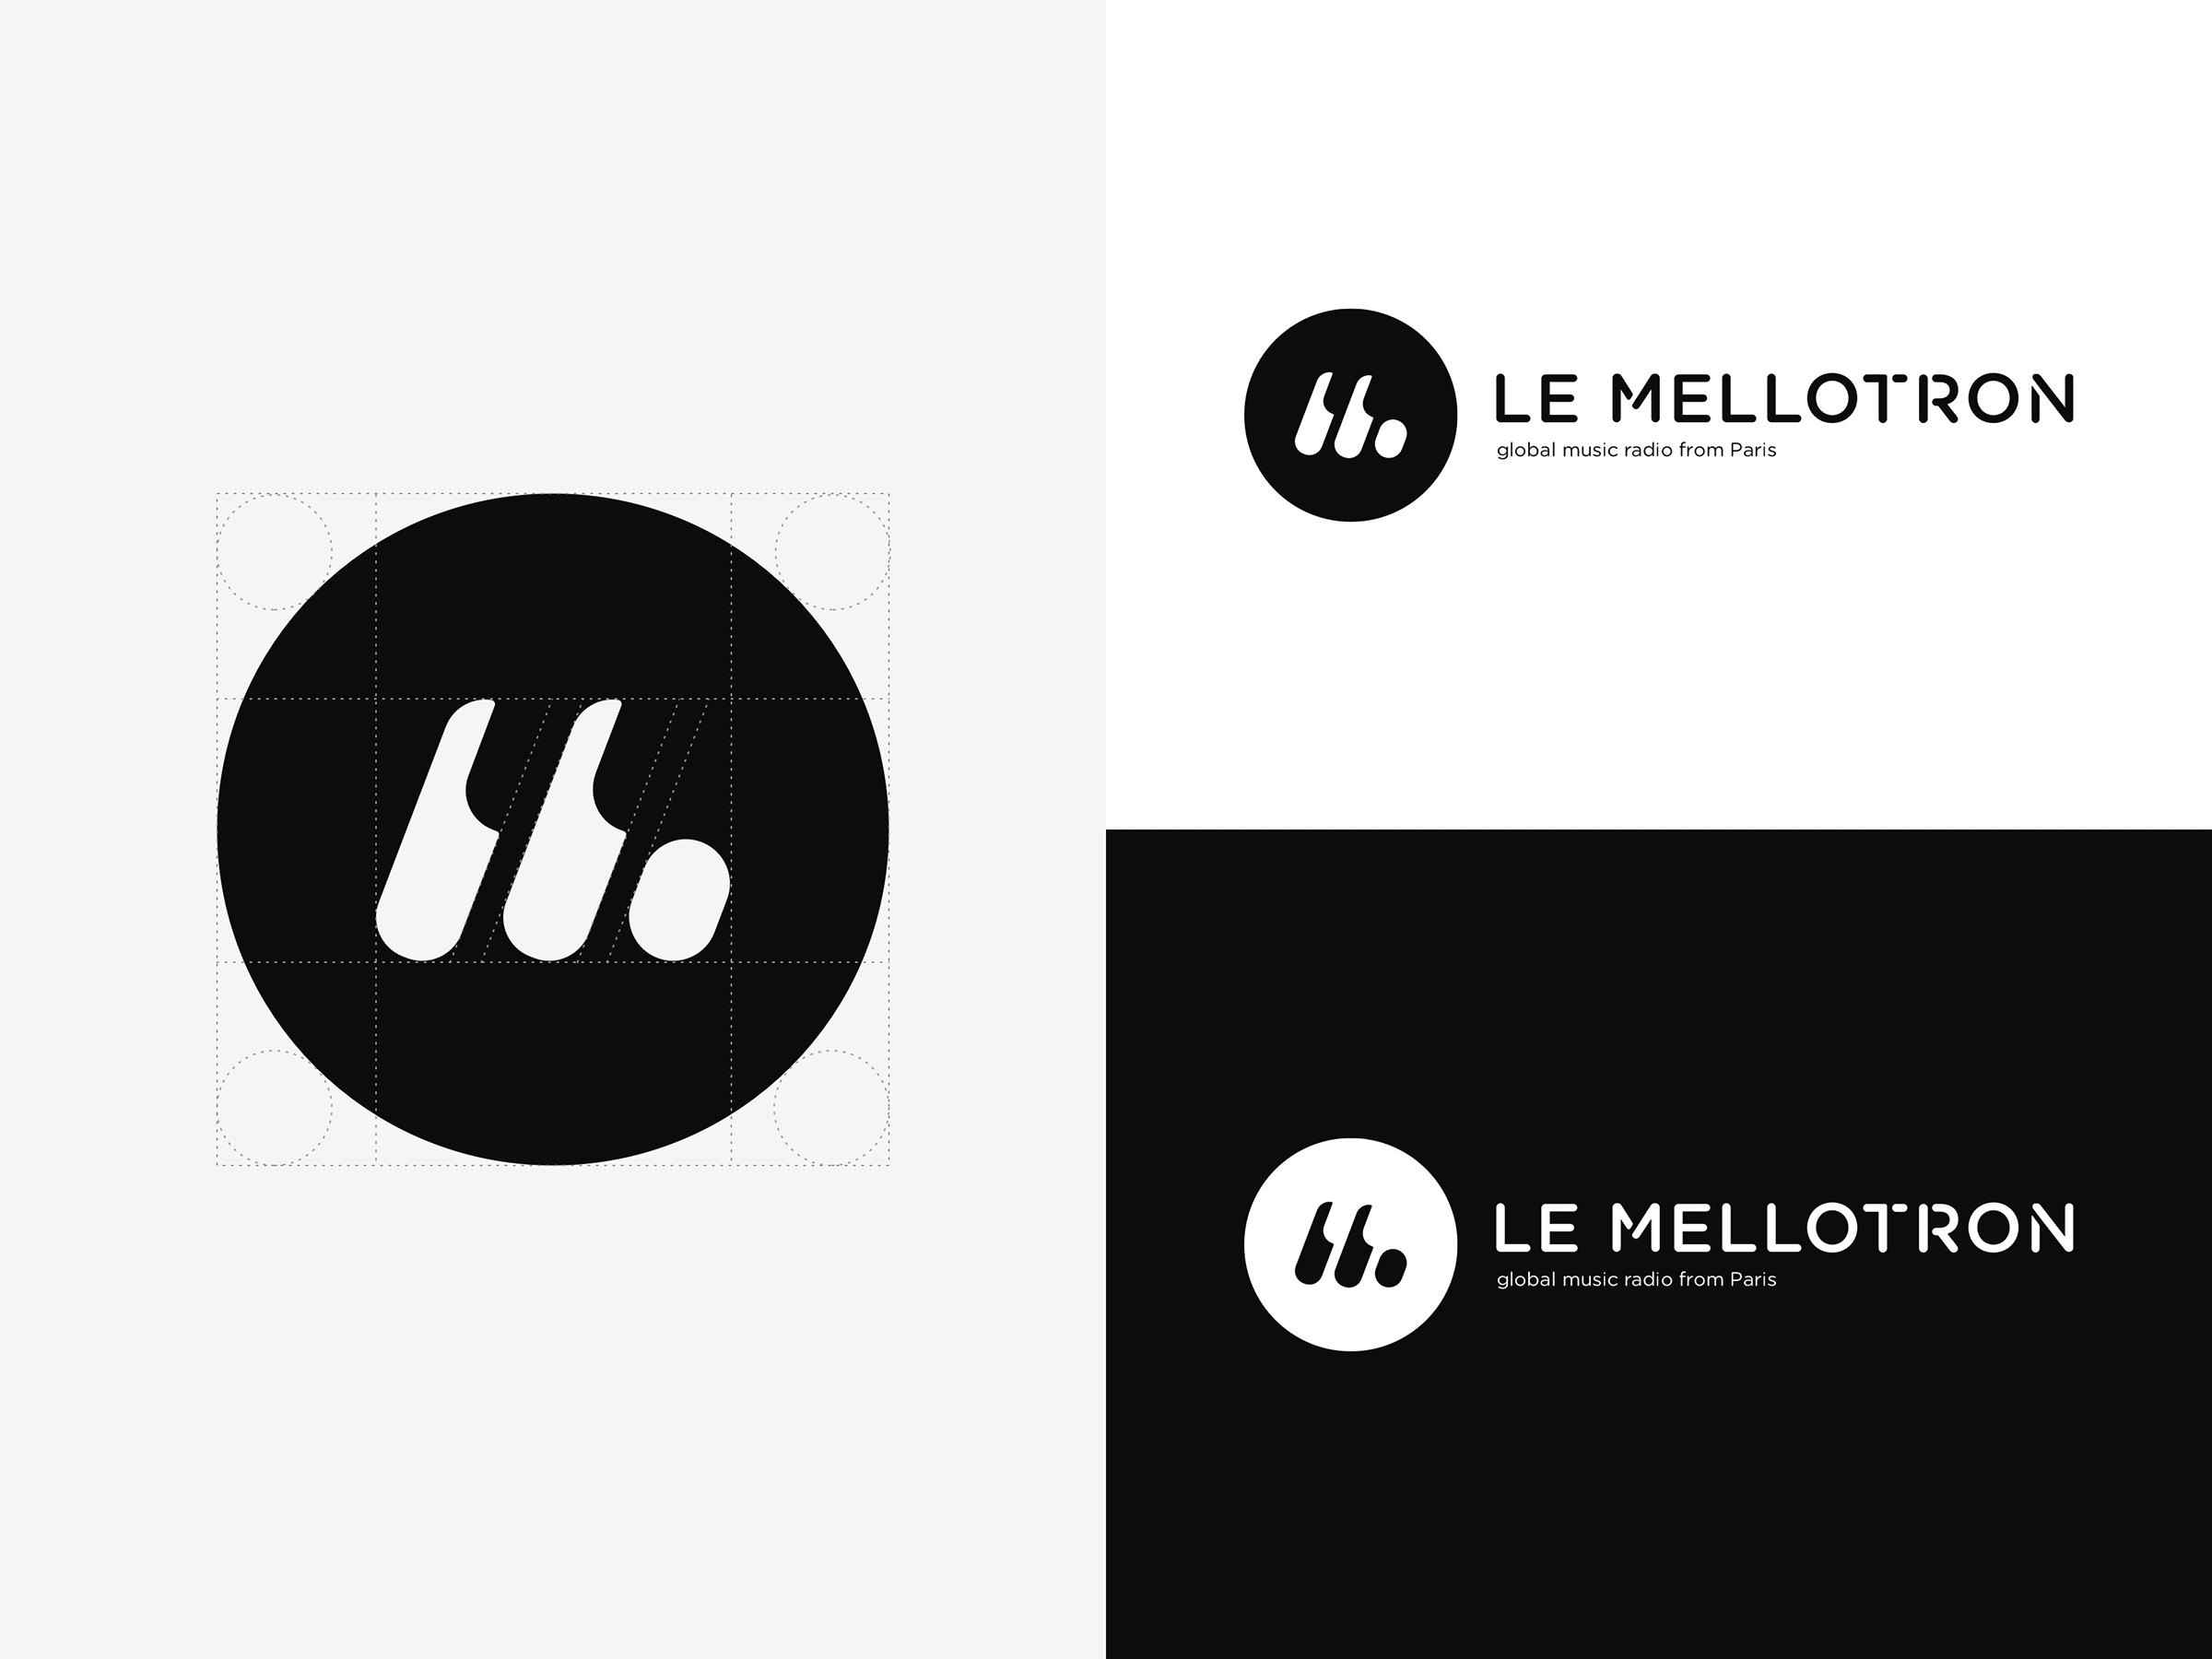 MELLOTRON - COMPOSITION LOGO